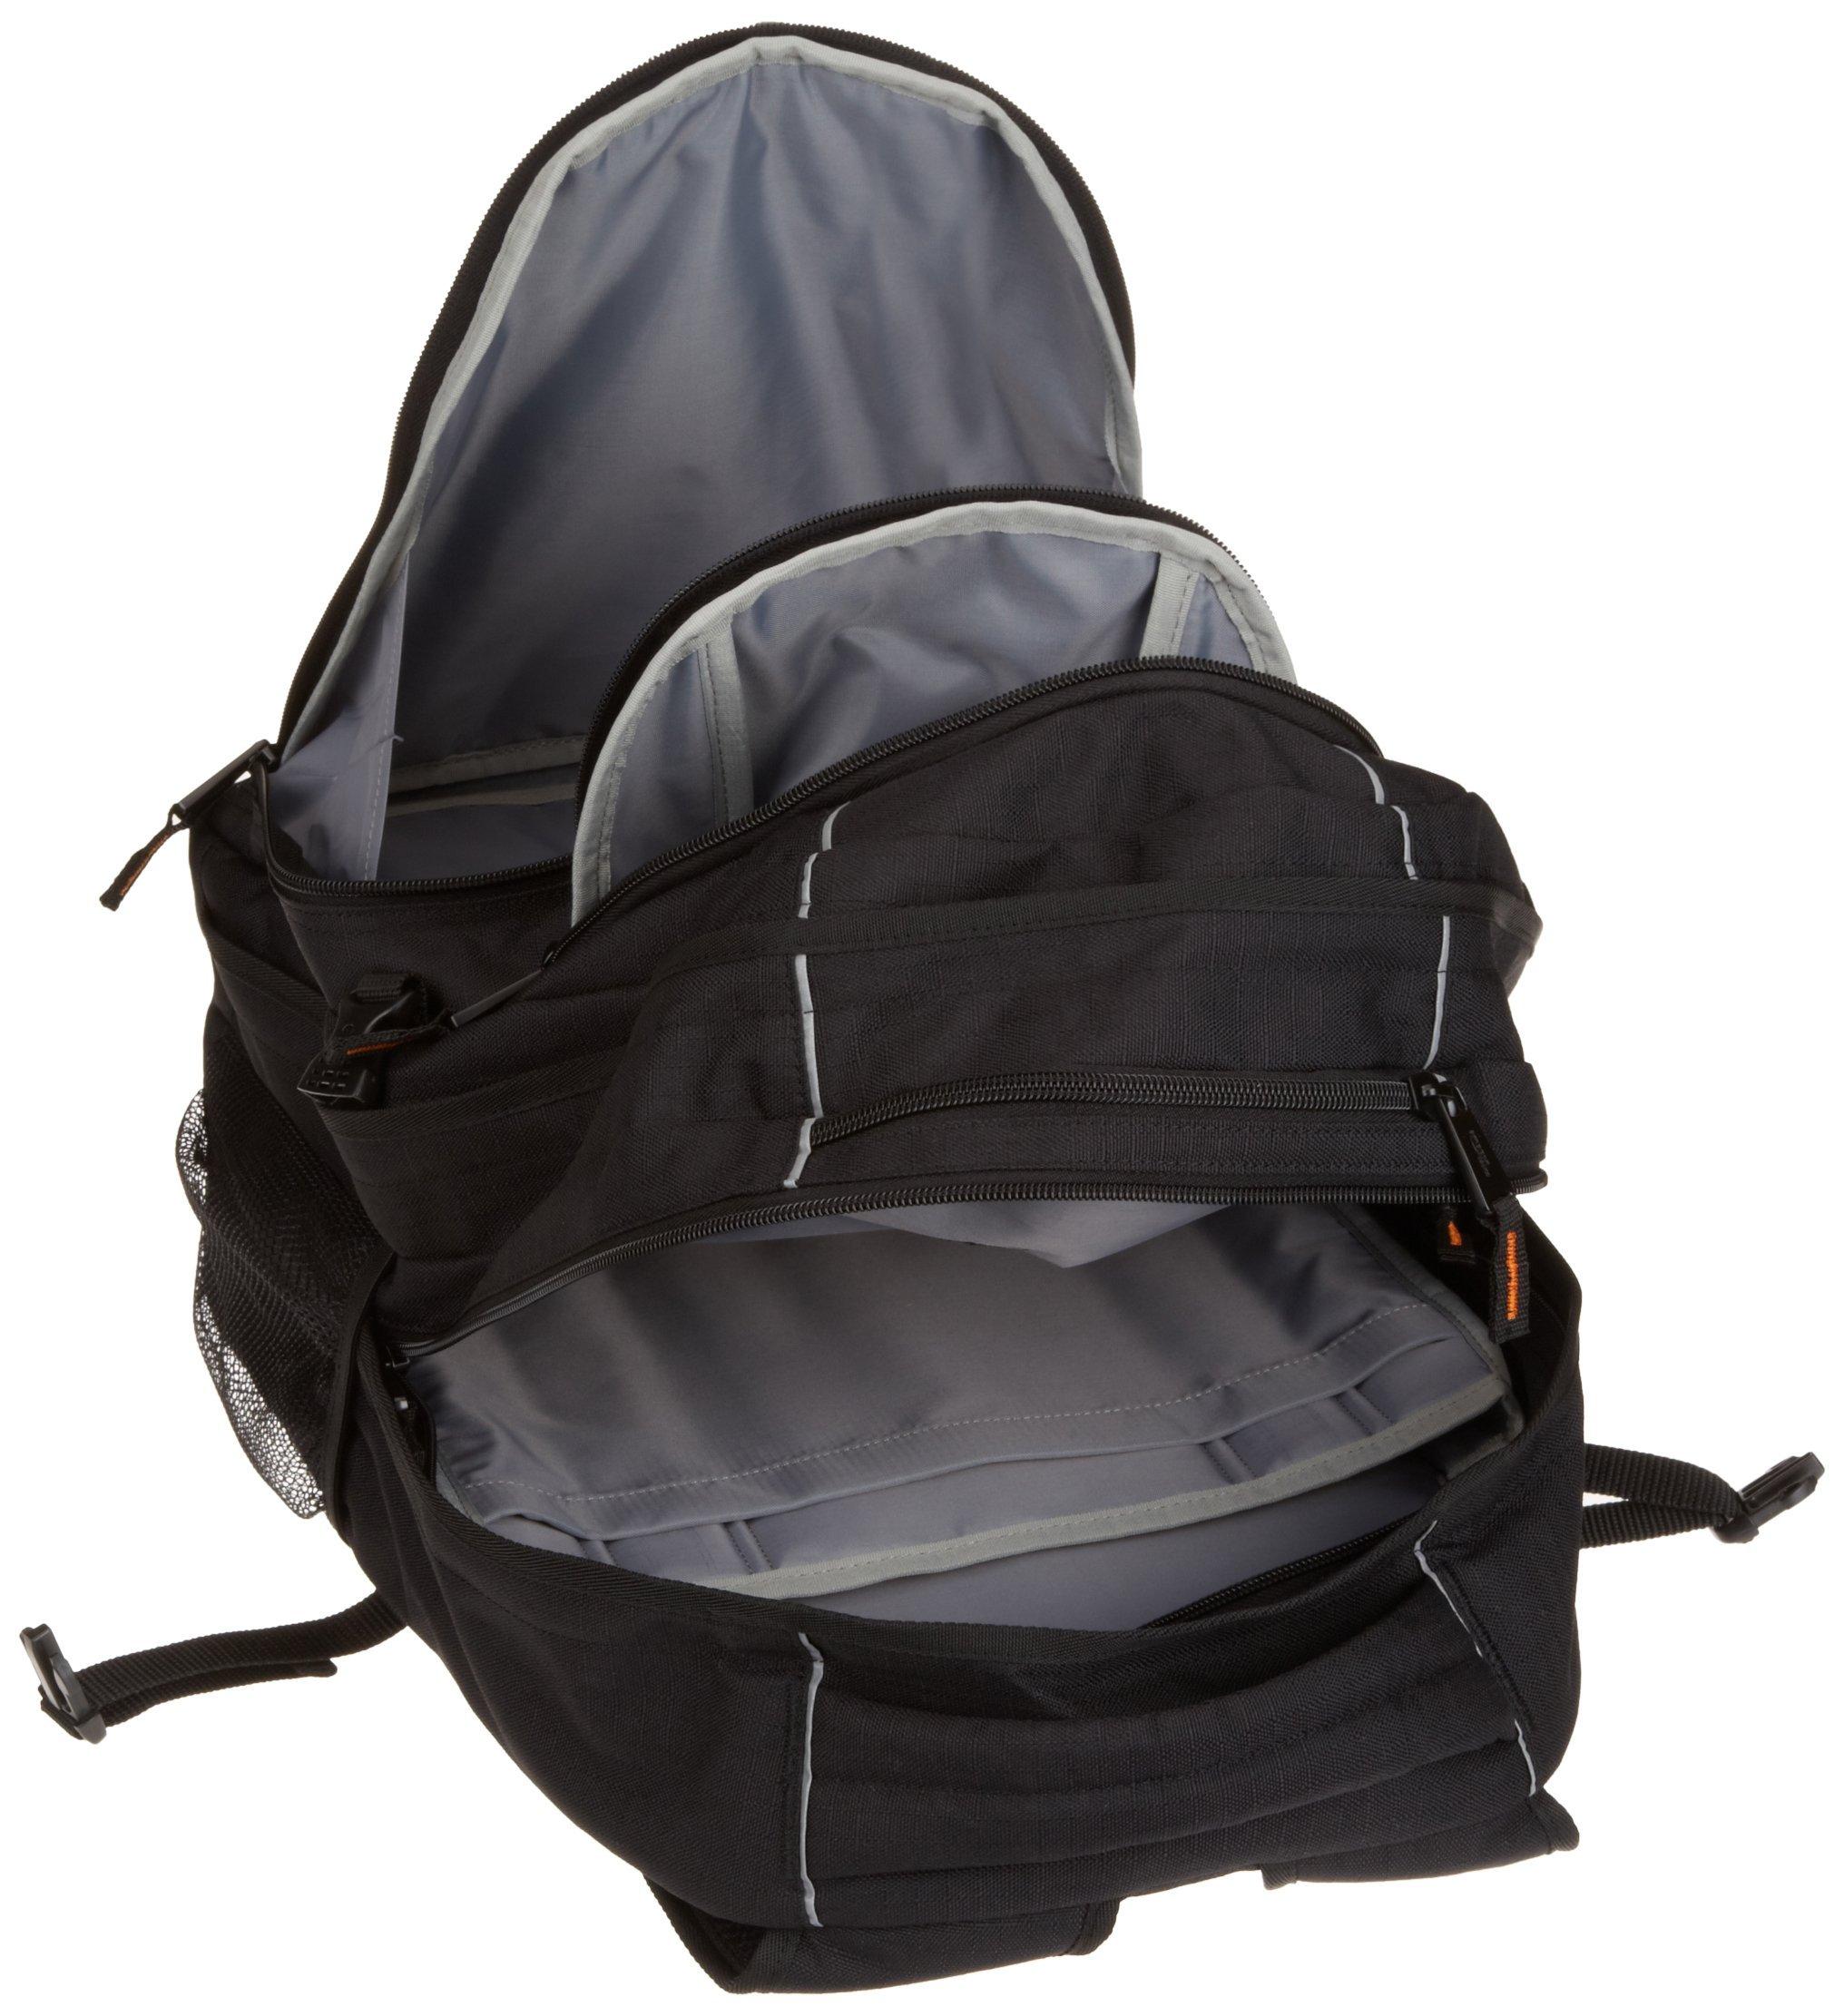 AmazonBasics Backpack for Laptops up to 17-inches by AmazonBasics (Image #7)